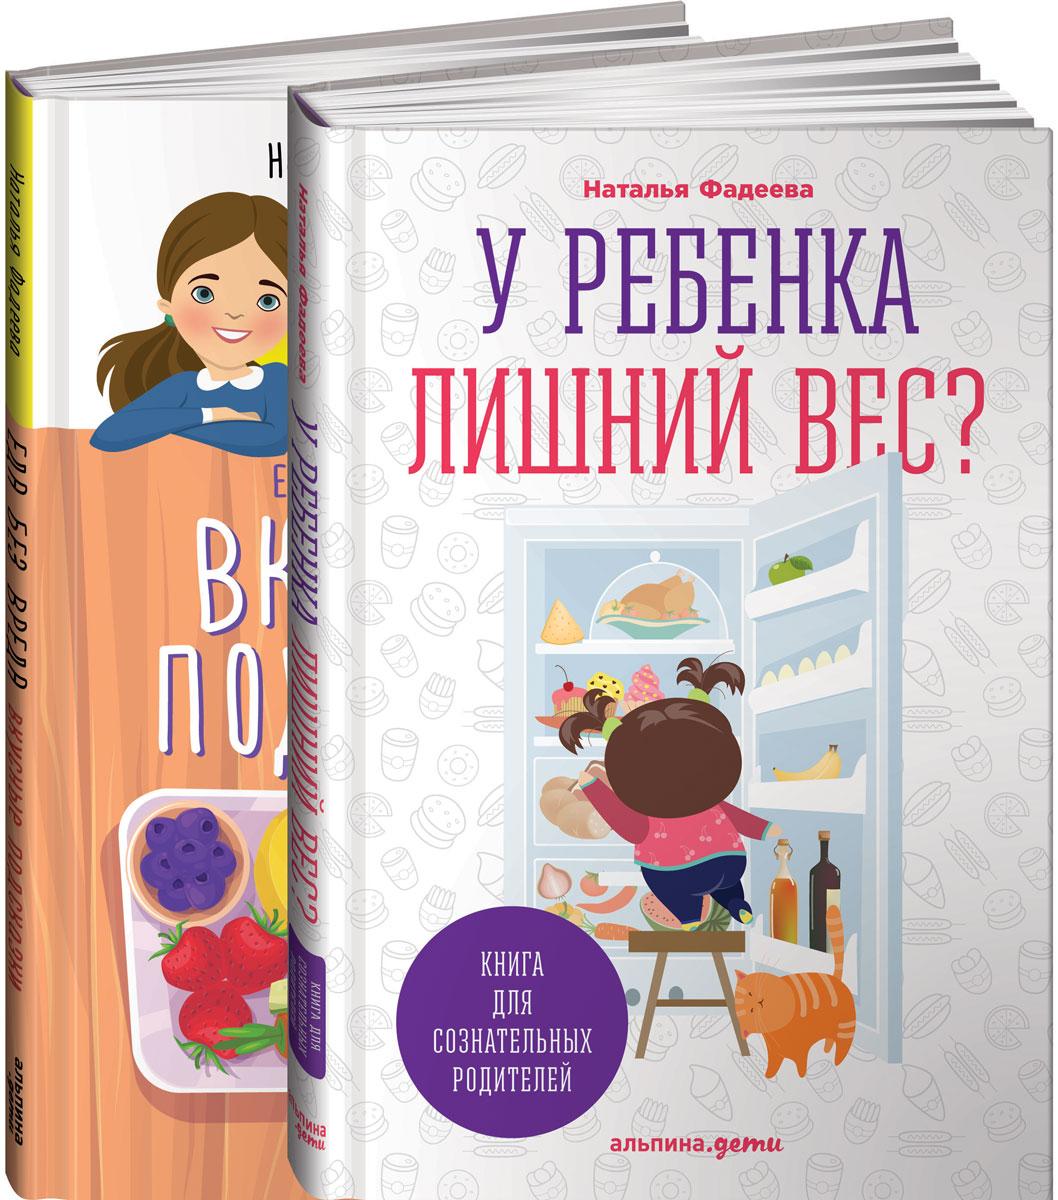 Наталья Фадеева У ребенка лишний вес? Книга для сознательных родителей. Еда без вреда. Вкусные подсказки (комплект из 2 книг)